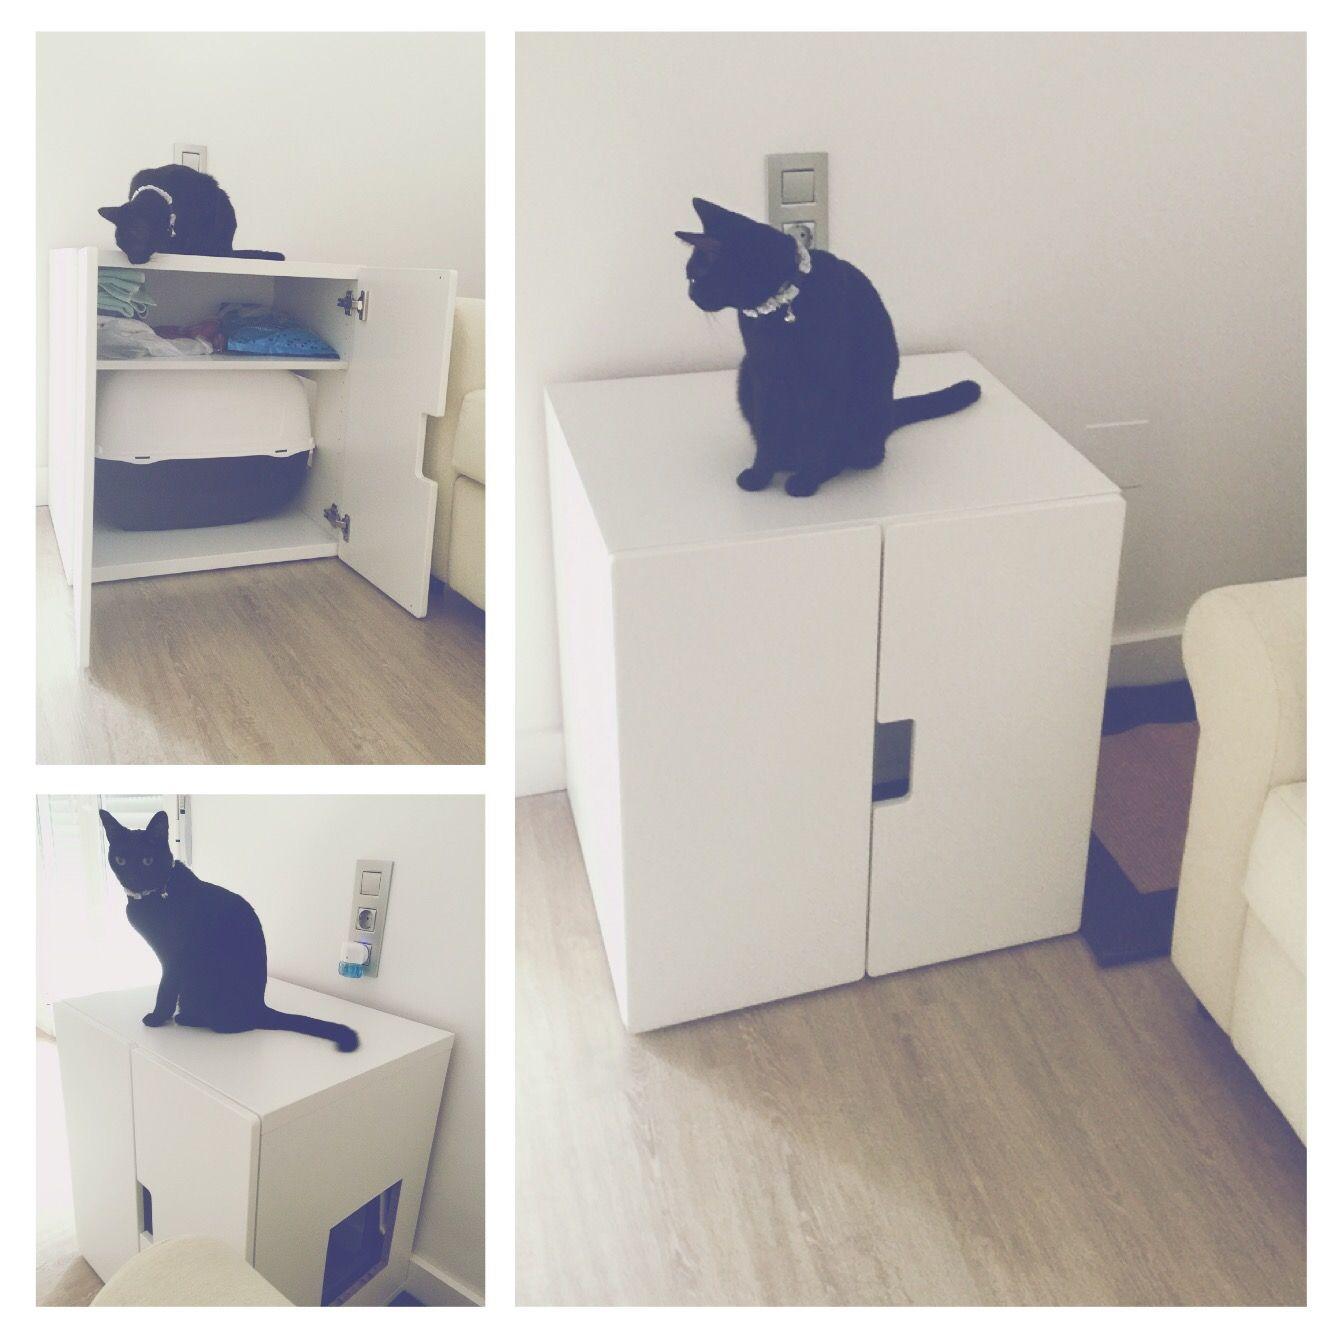 Reclamación Más grande parásito  DIY! Arenero para gatos! | Areneros para gatos, Muebles para gatos, Gatos